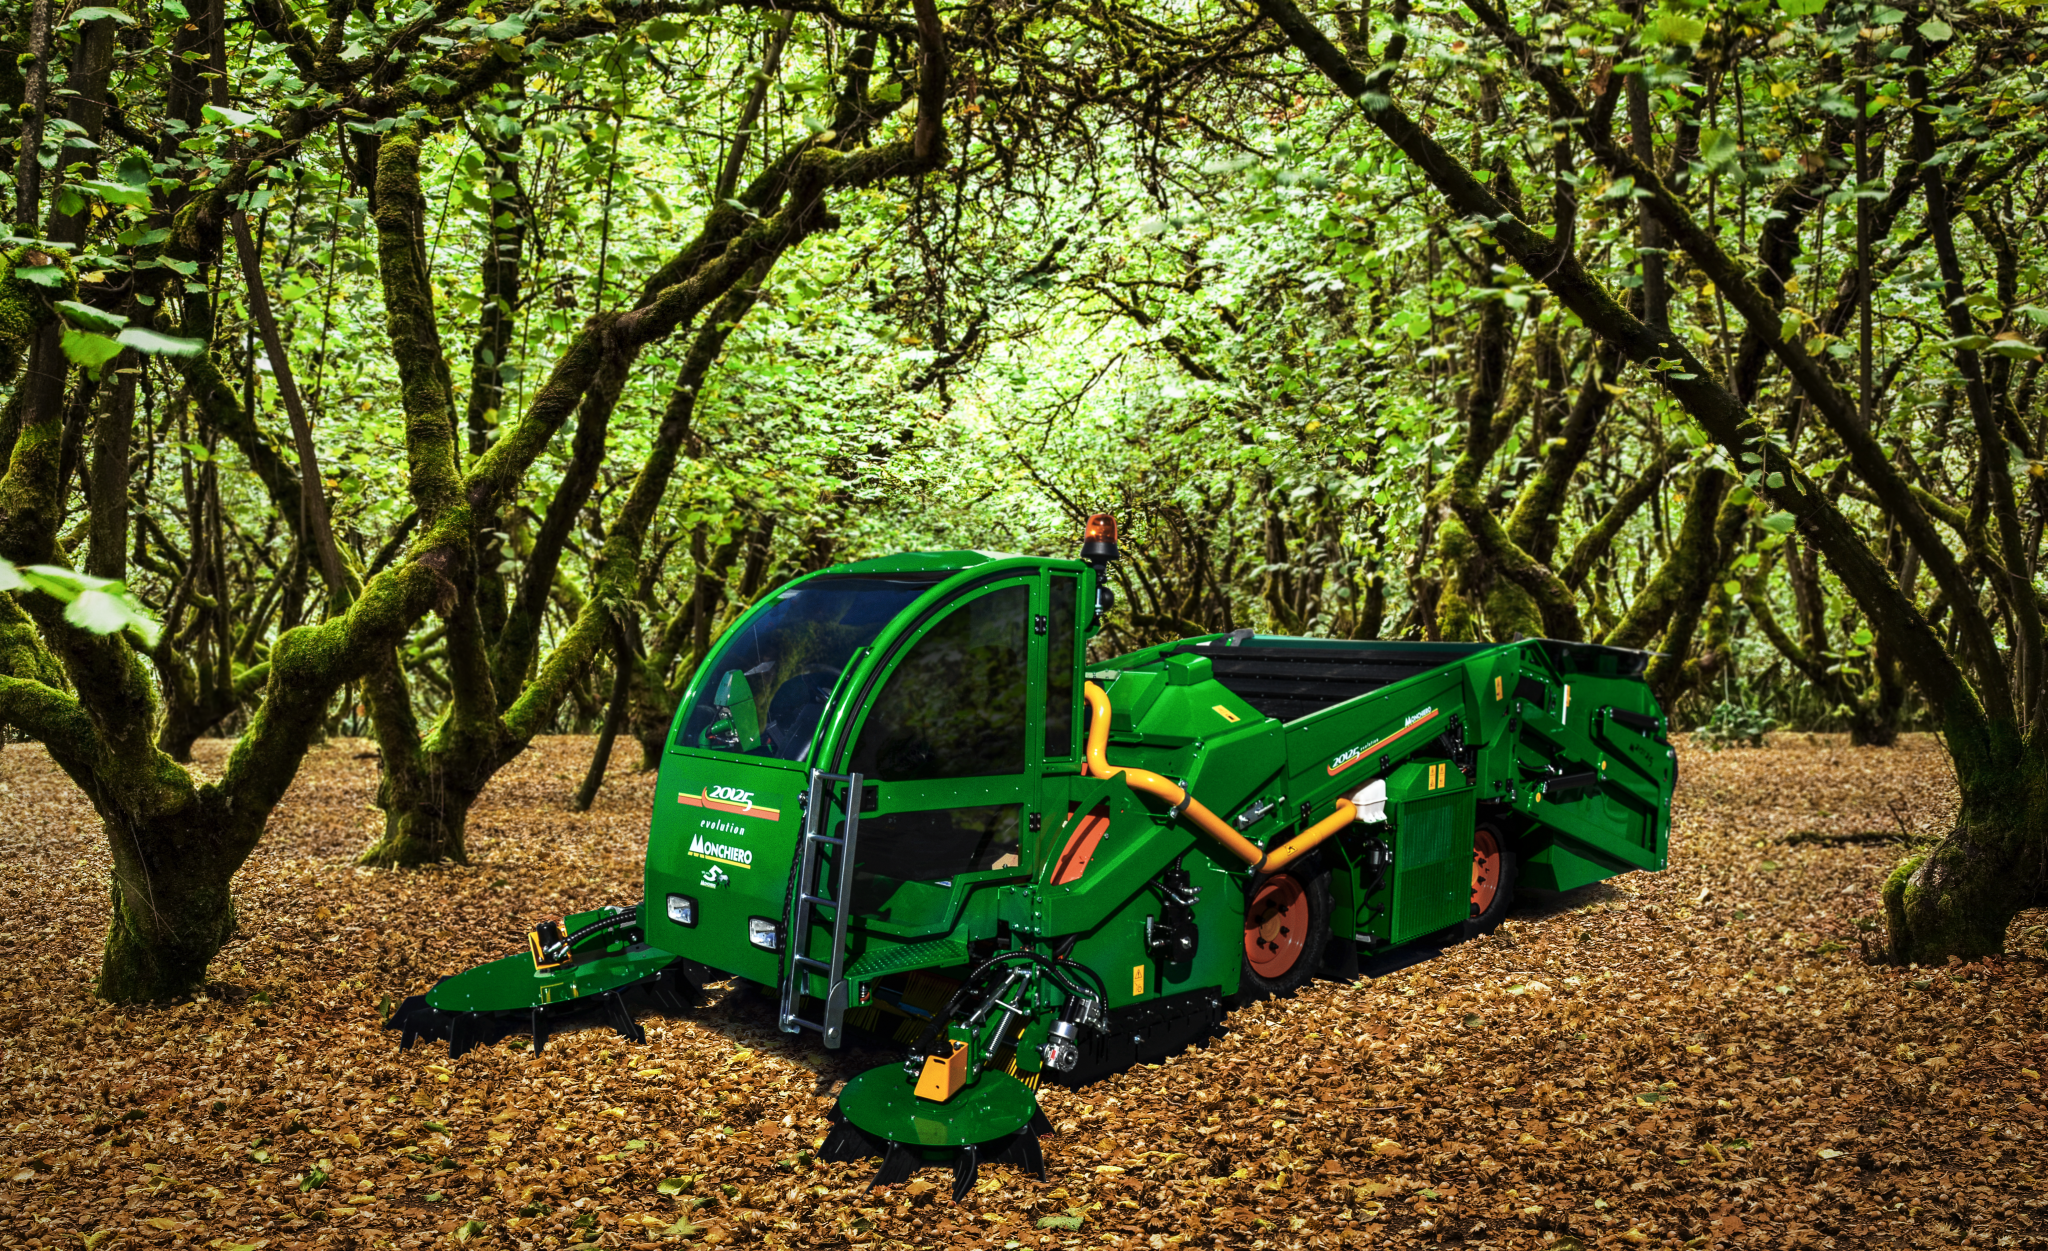 Monchiero Harvesting Equipment Pap 233 Machinery